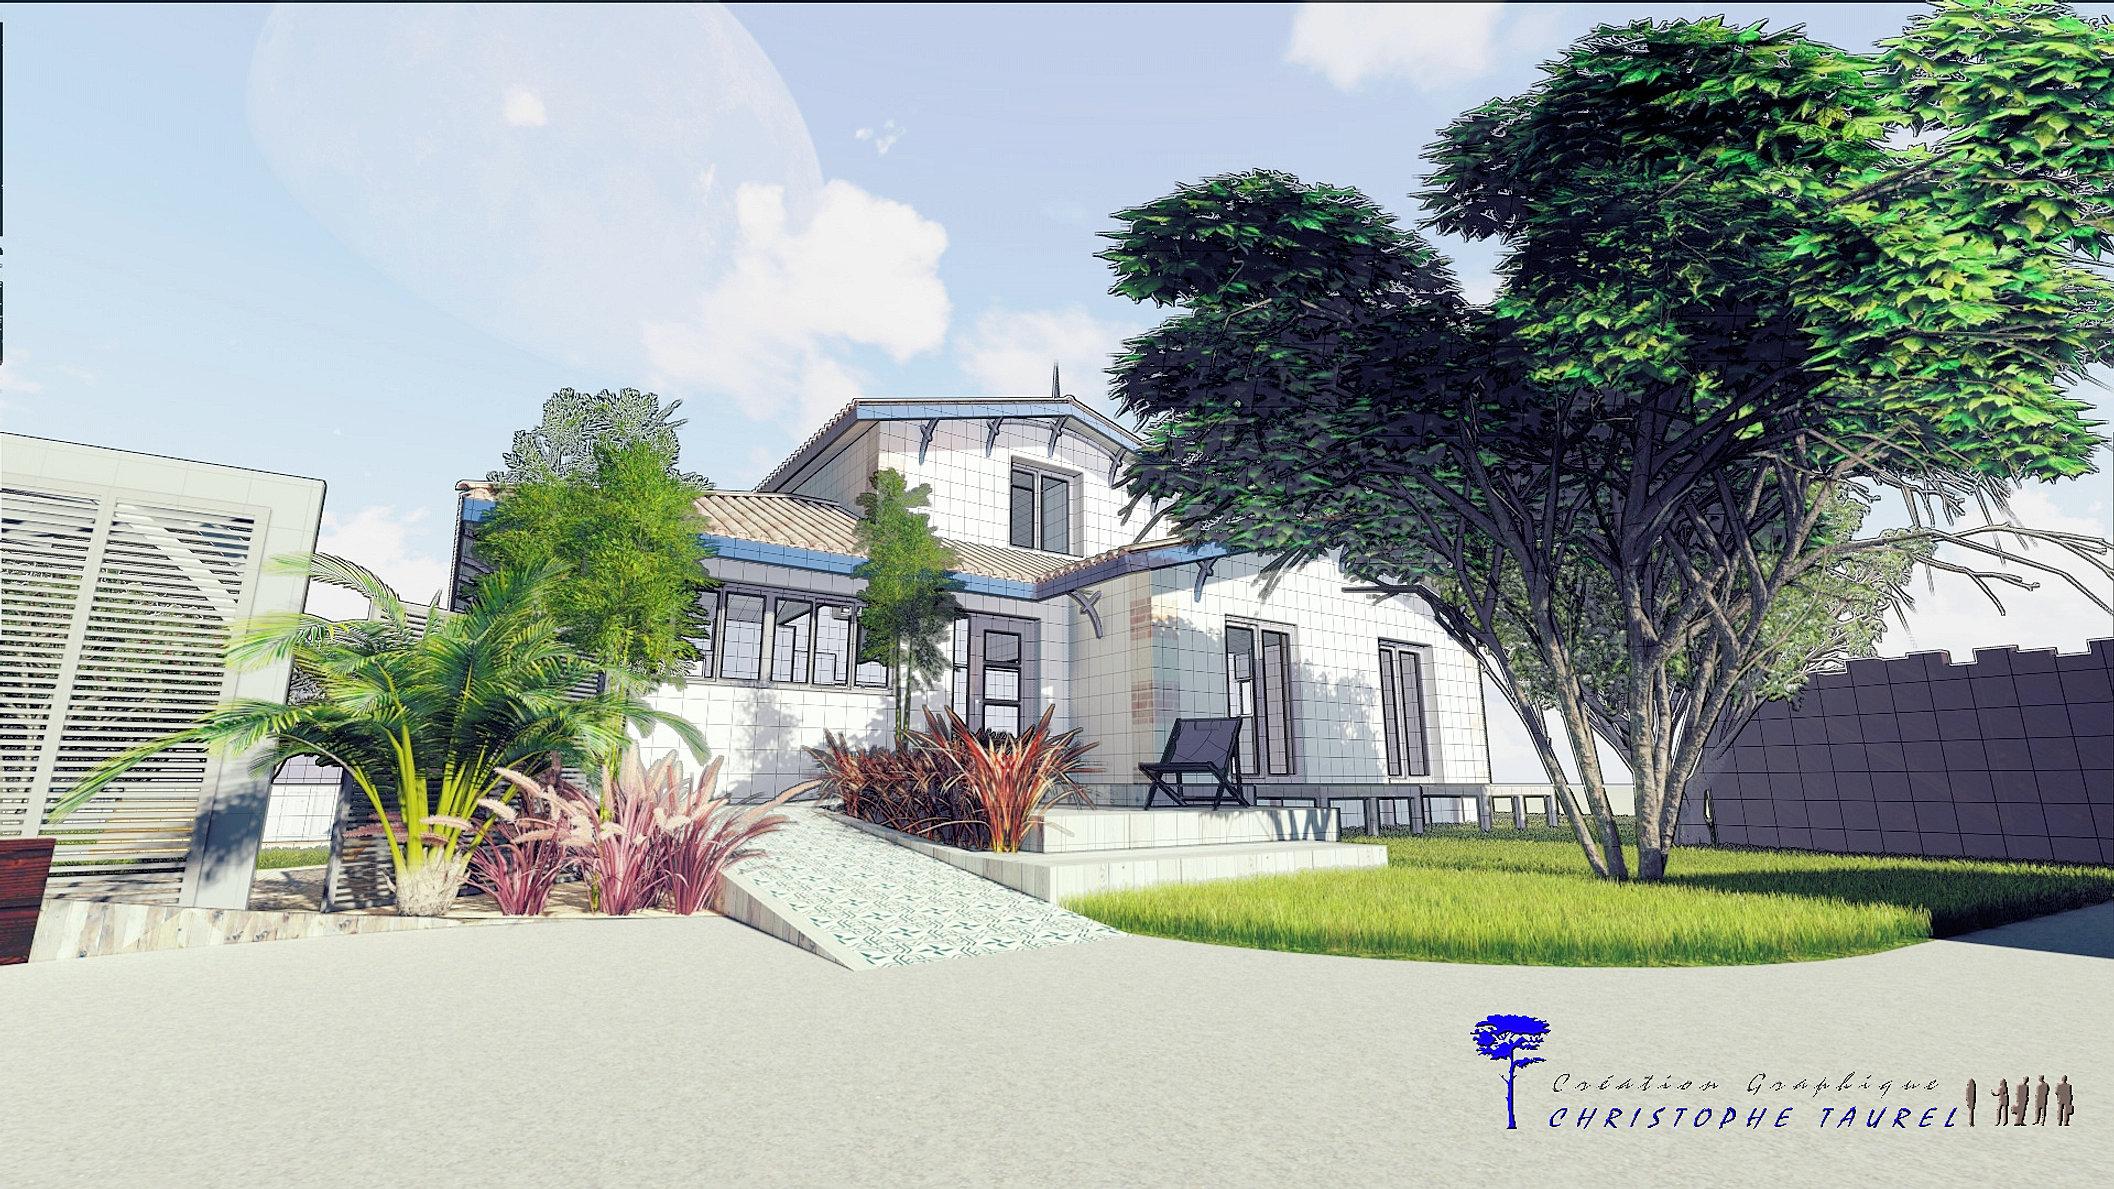 Image maison 3d permis de construire plan maison 3d agence for Dessinateur paysagiste